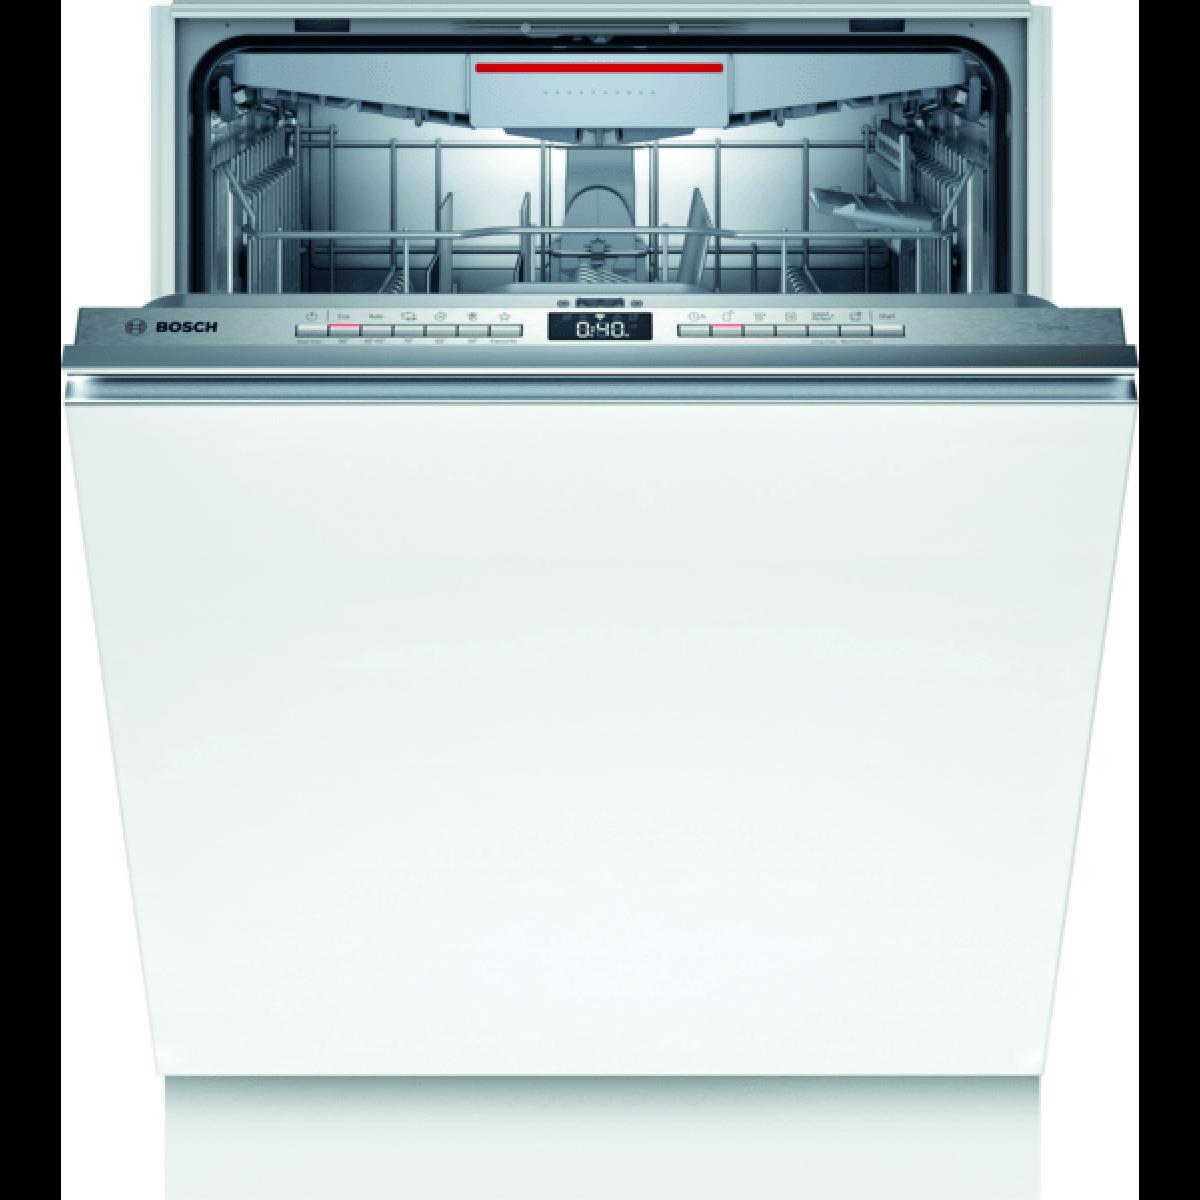 Bosch Lave vaisselle tout integrable 60 cm BOSCH SMV4HVX45E